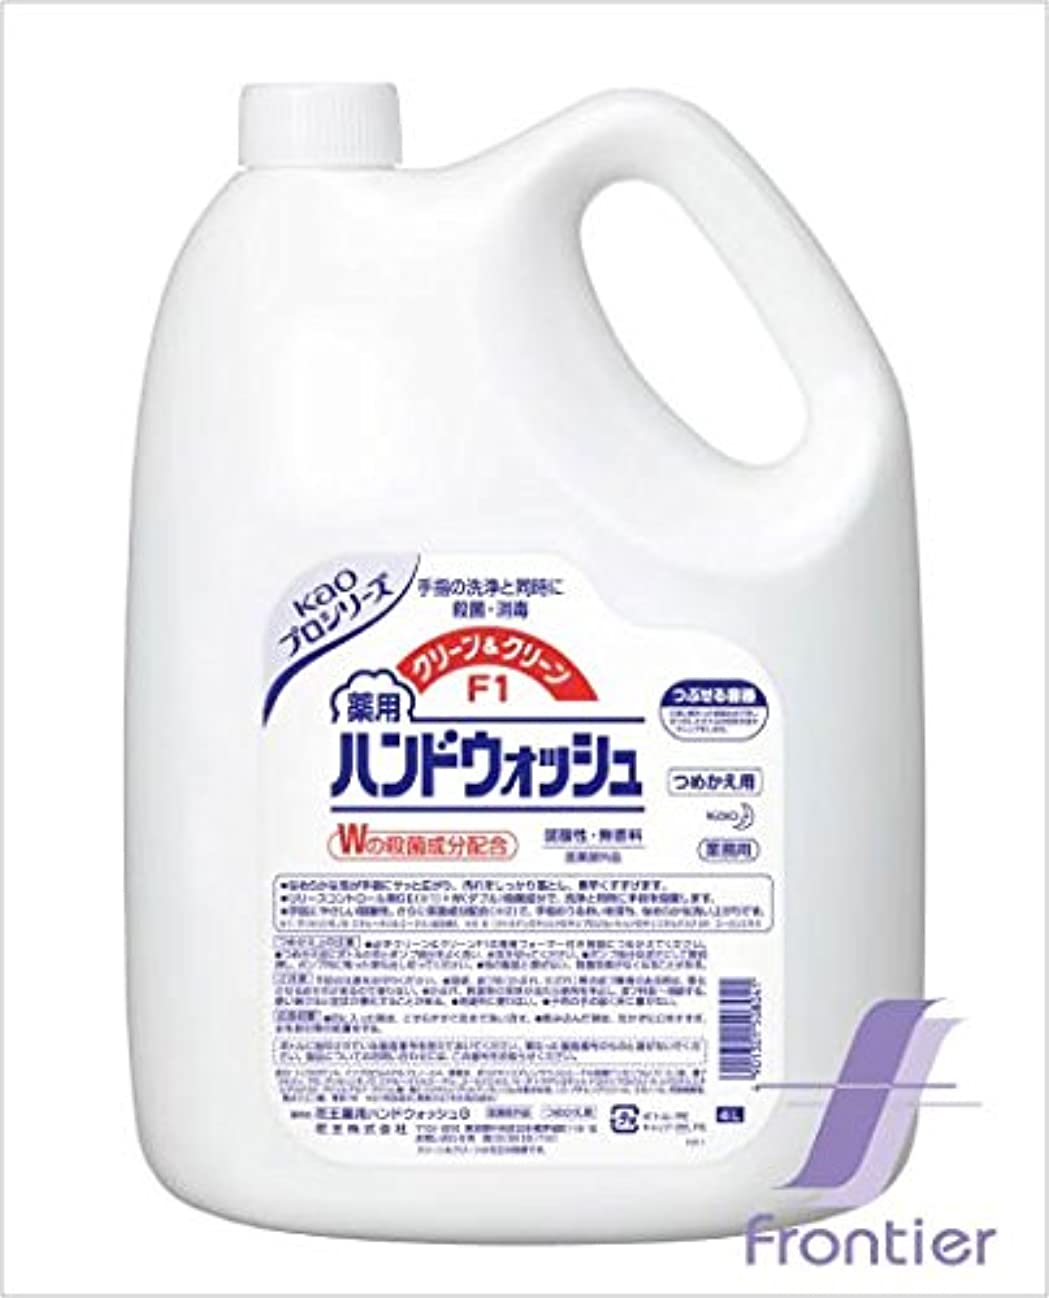 ボーダー鑑定ぎこちない花王 クリーン&クリーンF1 薬用ハンドウォッシュ 4リットル 3缶セット